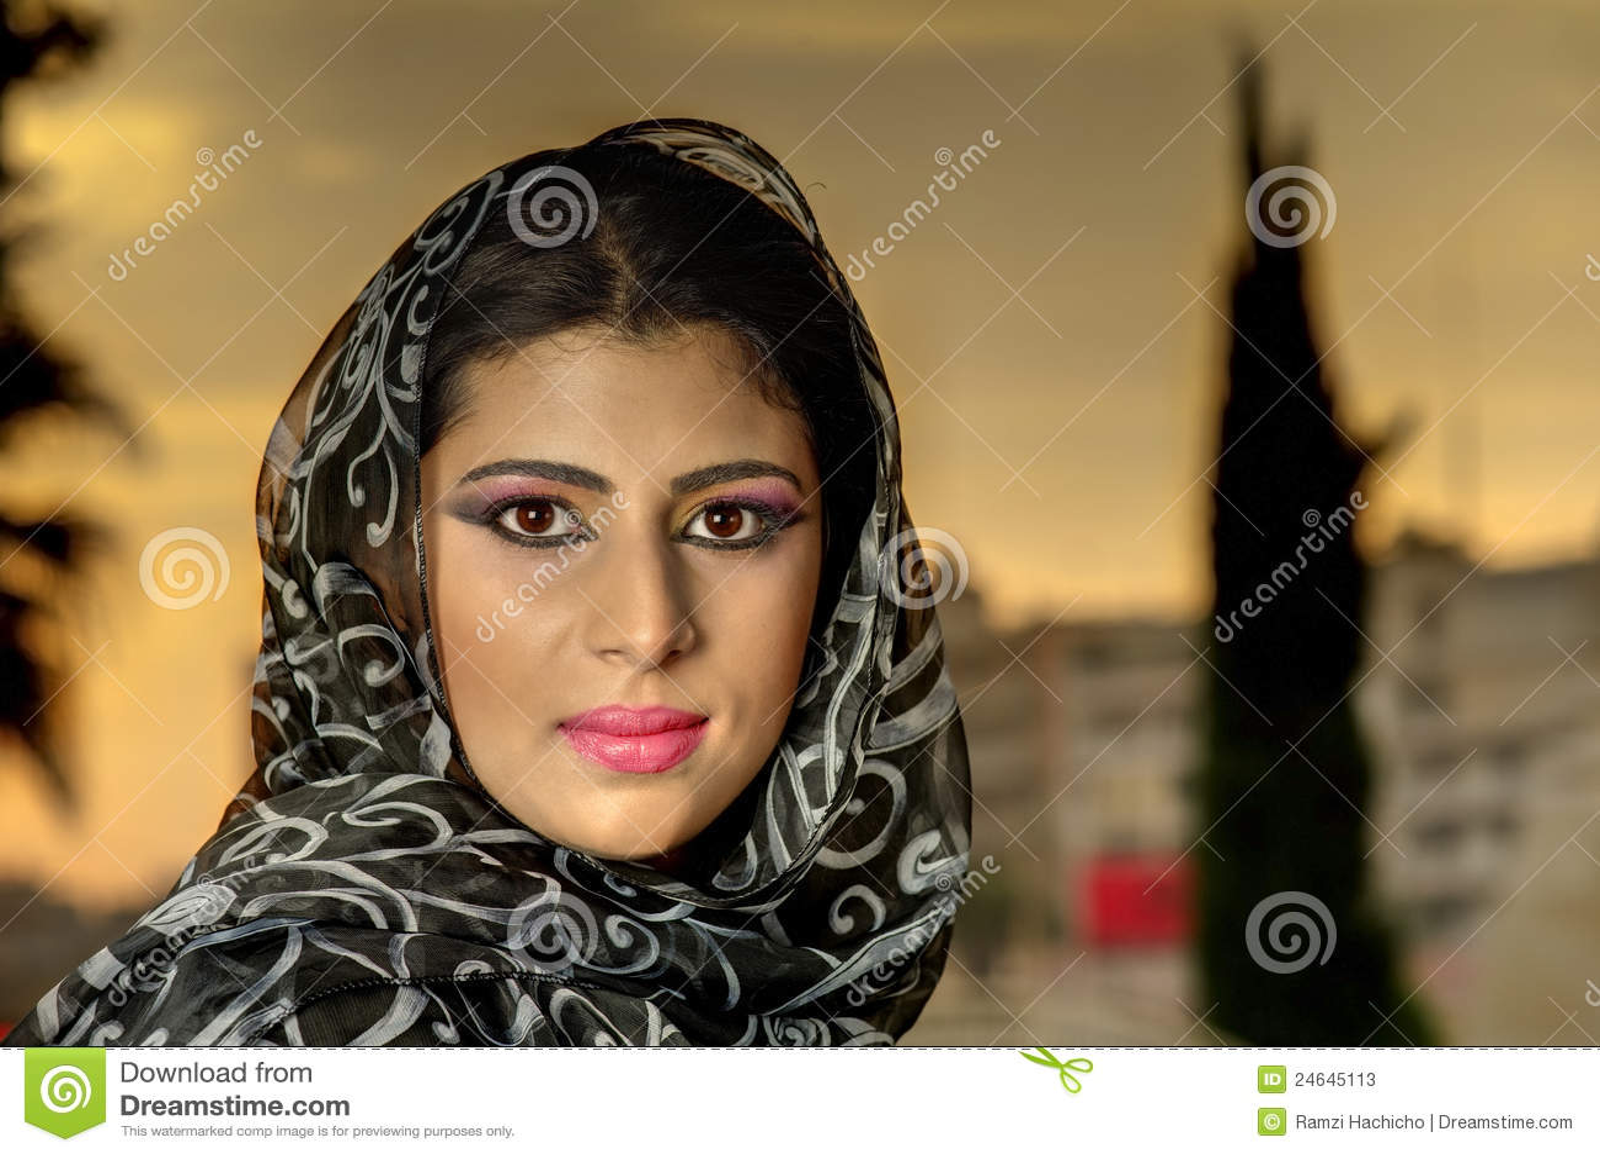 arabisches mädchen aus binningen